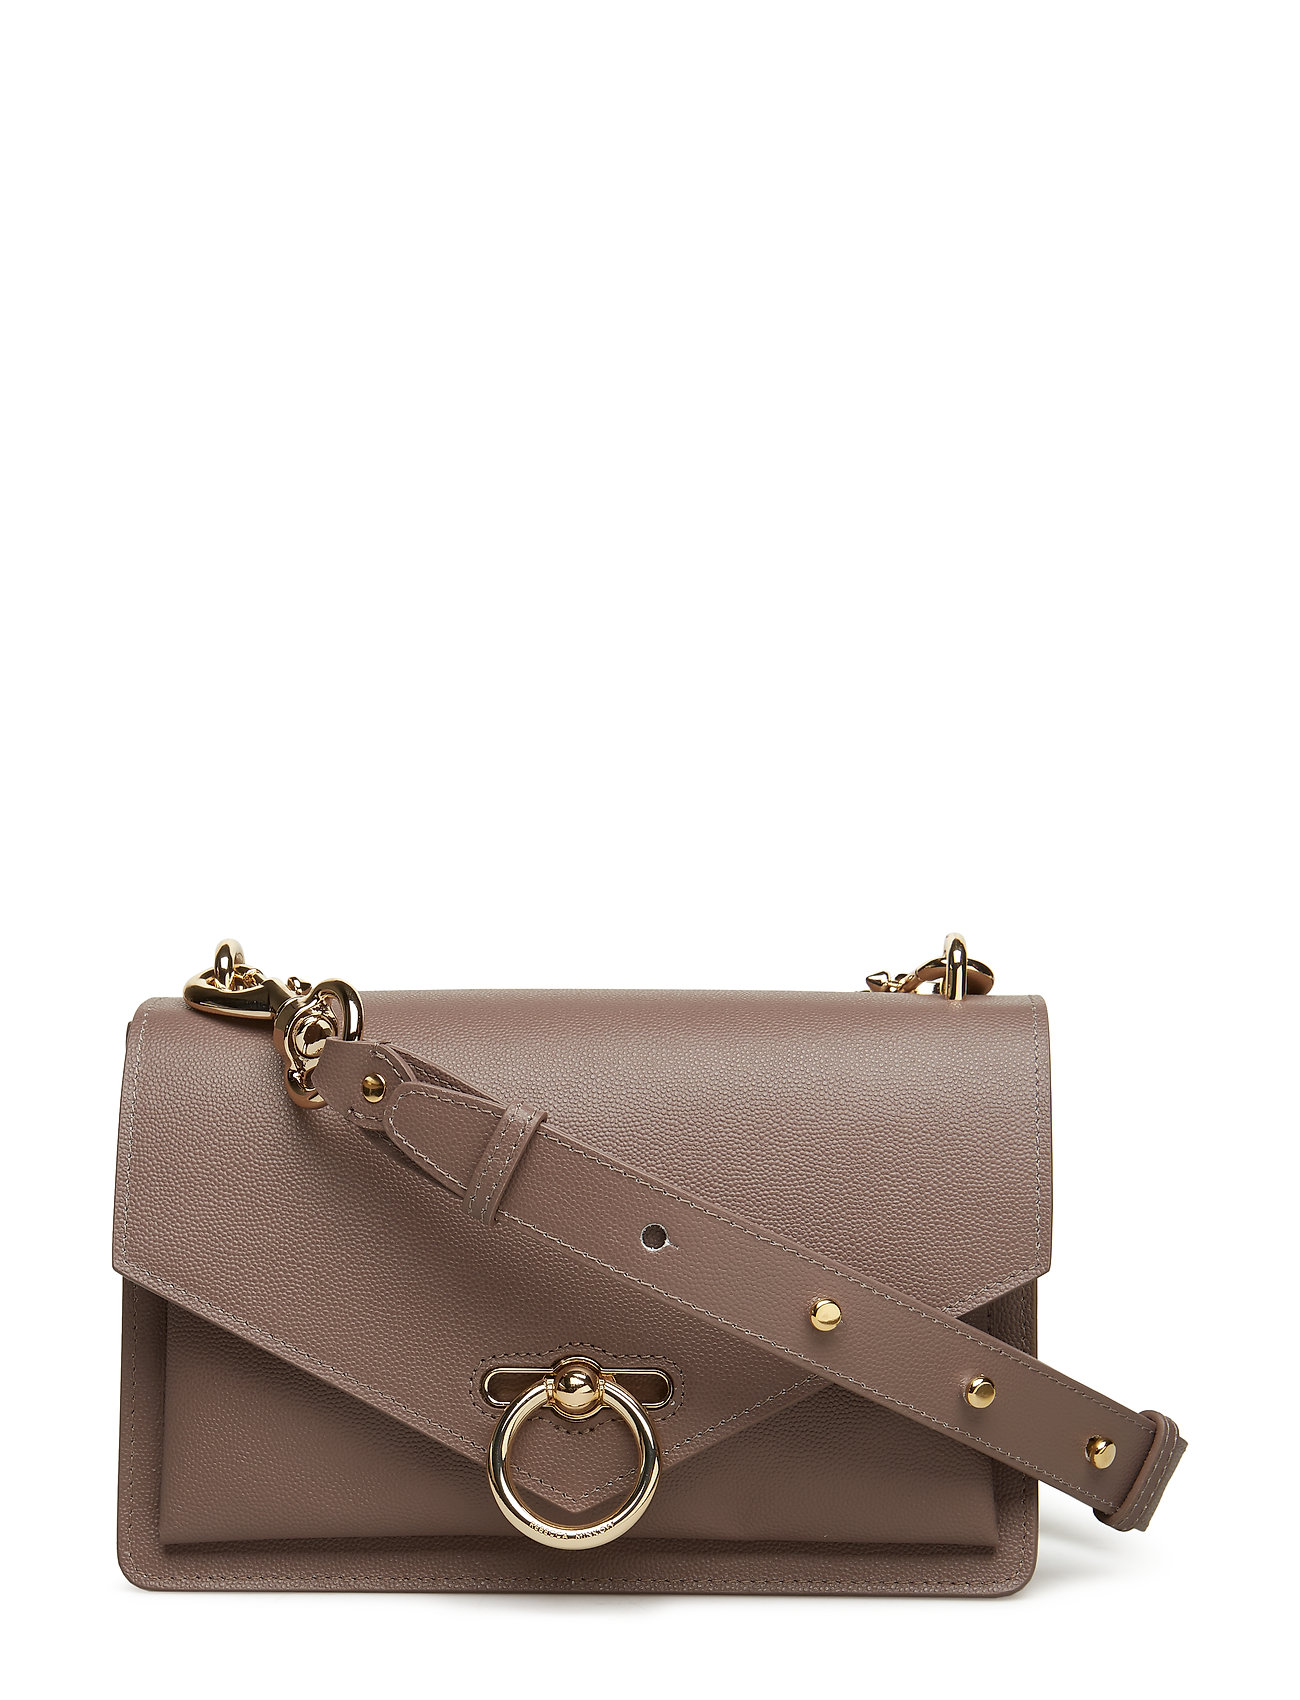 Image of Jean Md Shoulder Bag (3077881925)